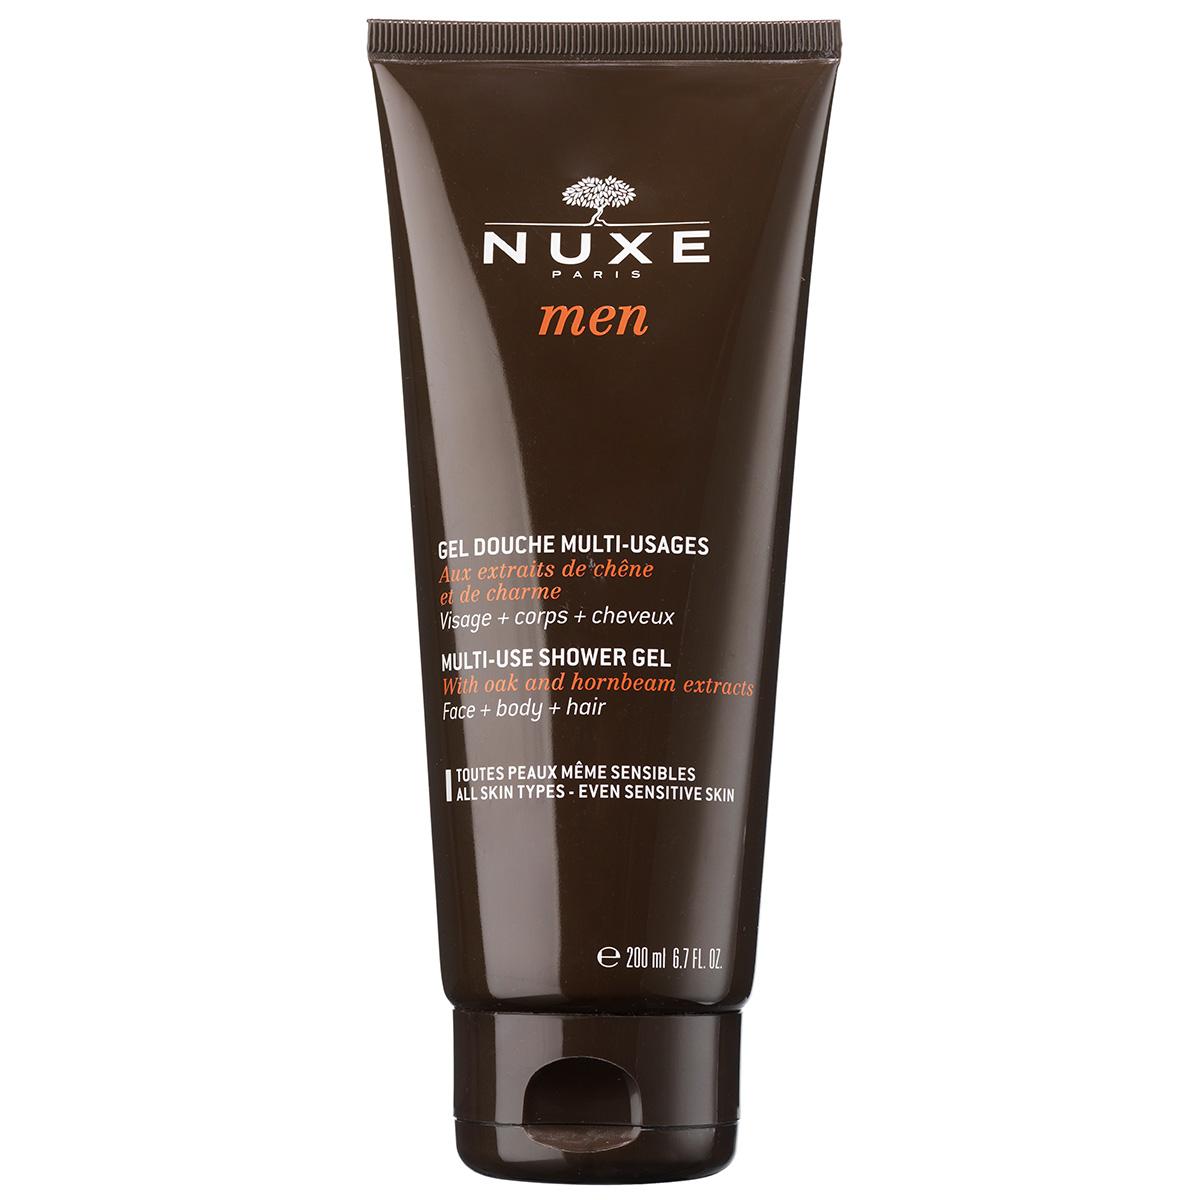 Nuxe Men Multi-Use Shower Gel - 200 ml